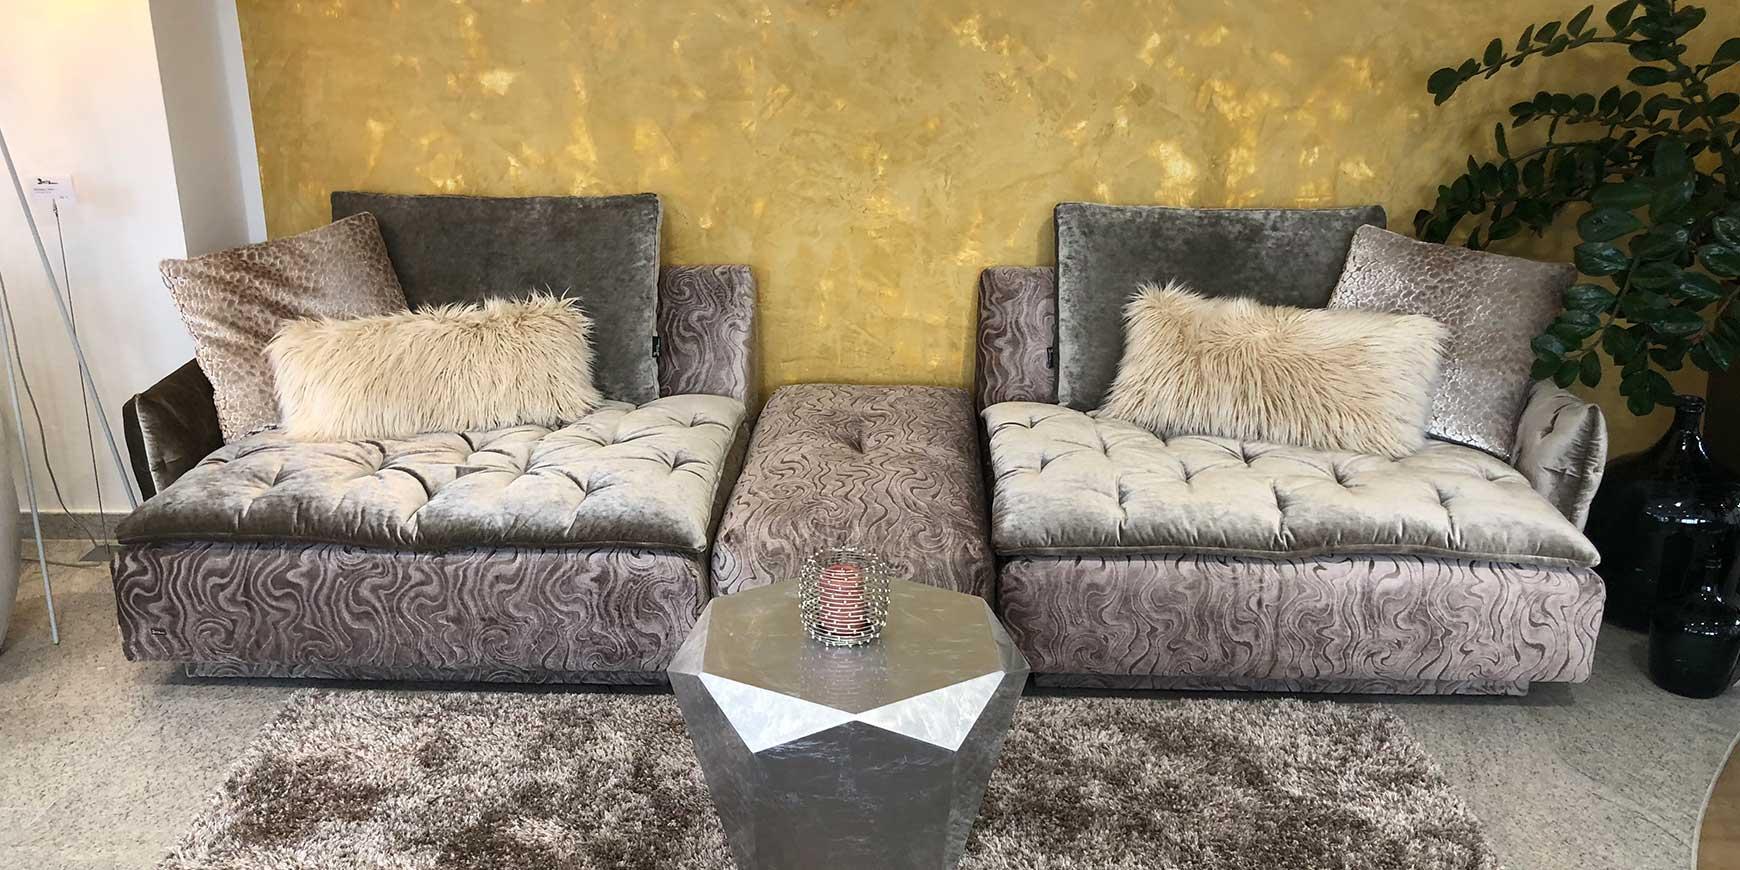 Bretz filousof sofa uli ce ure 112 ausstellungsst cke for Ausstellungsstucke sofa